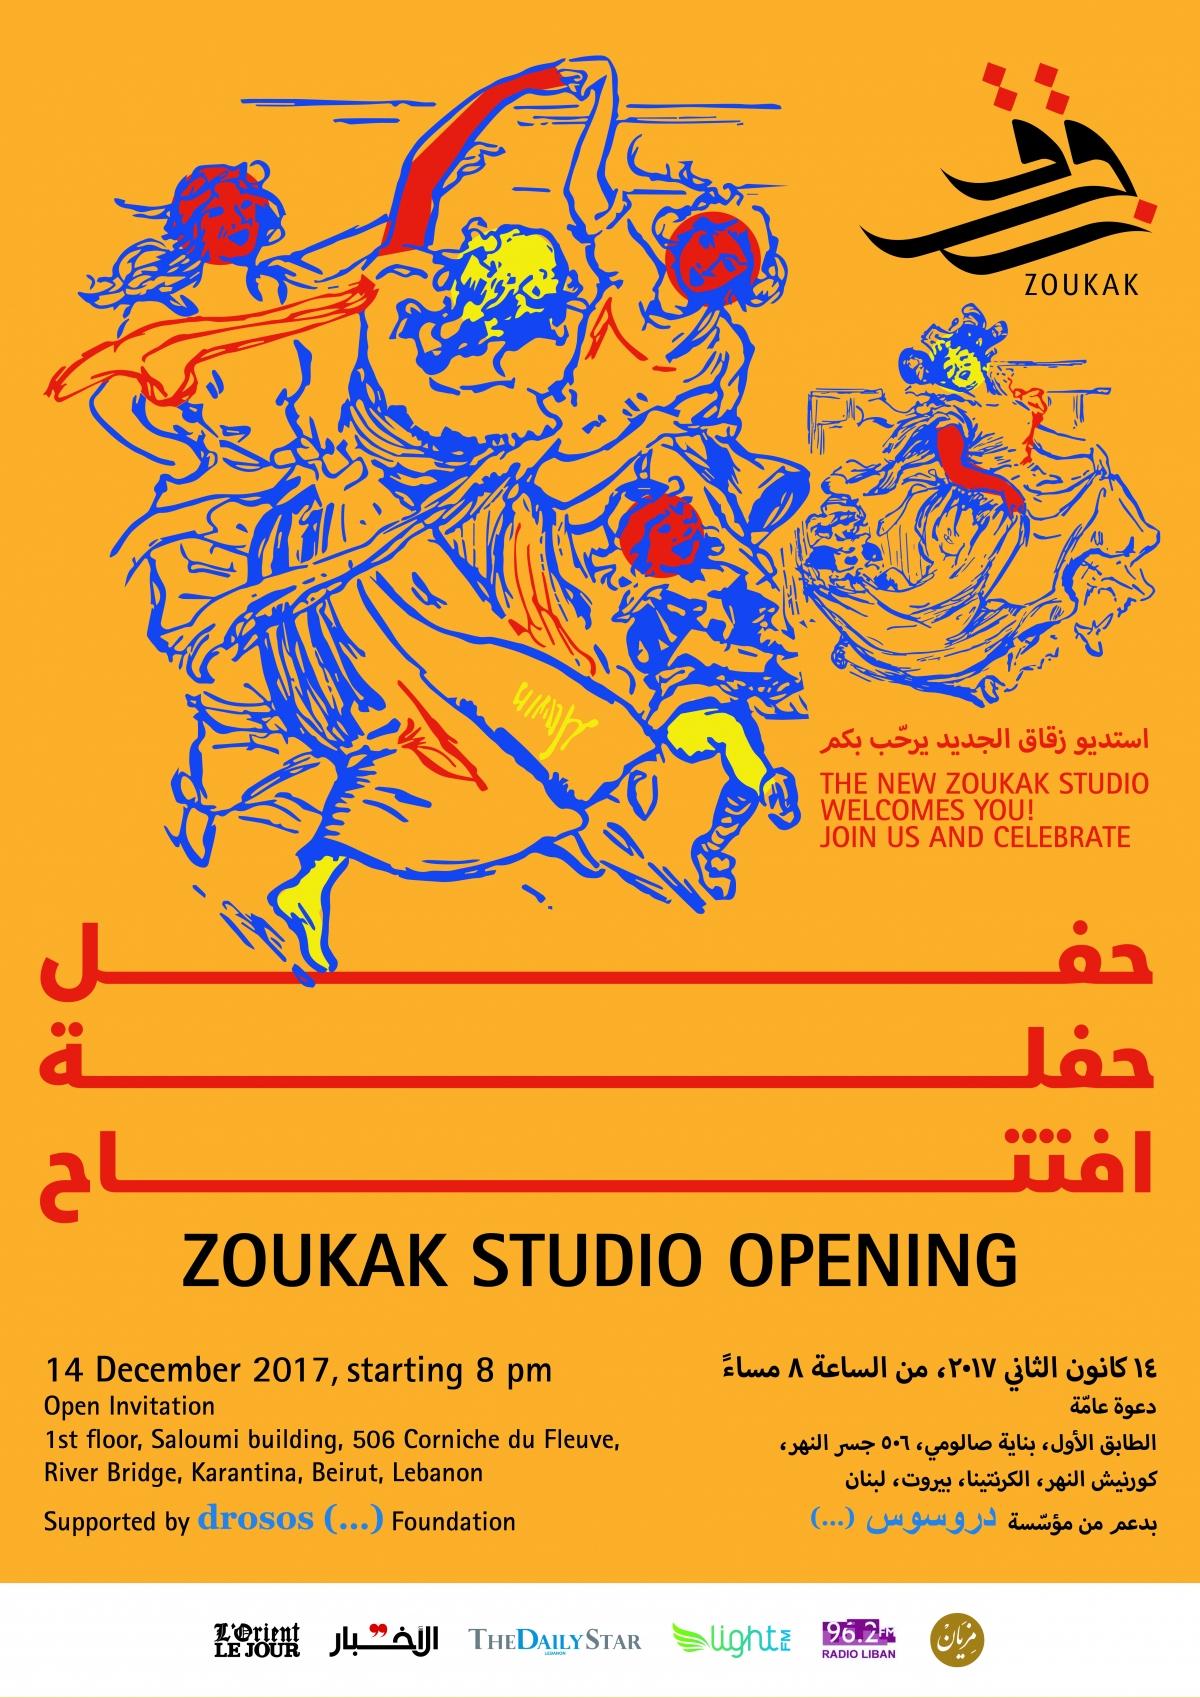 Zoukak Studio Opening